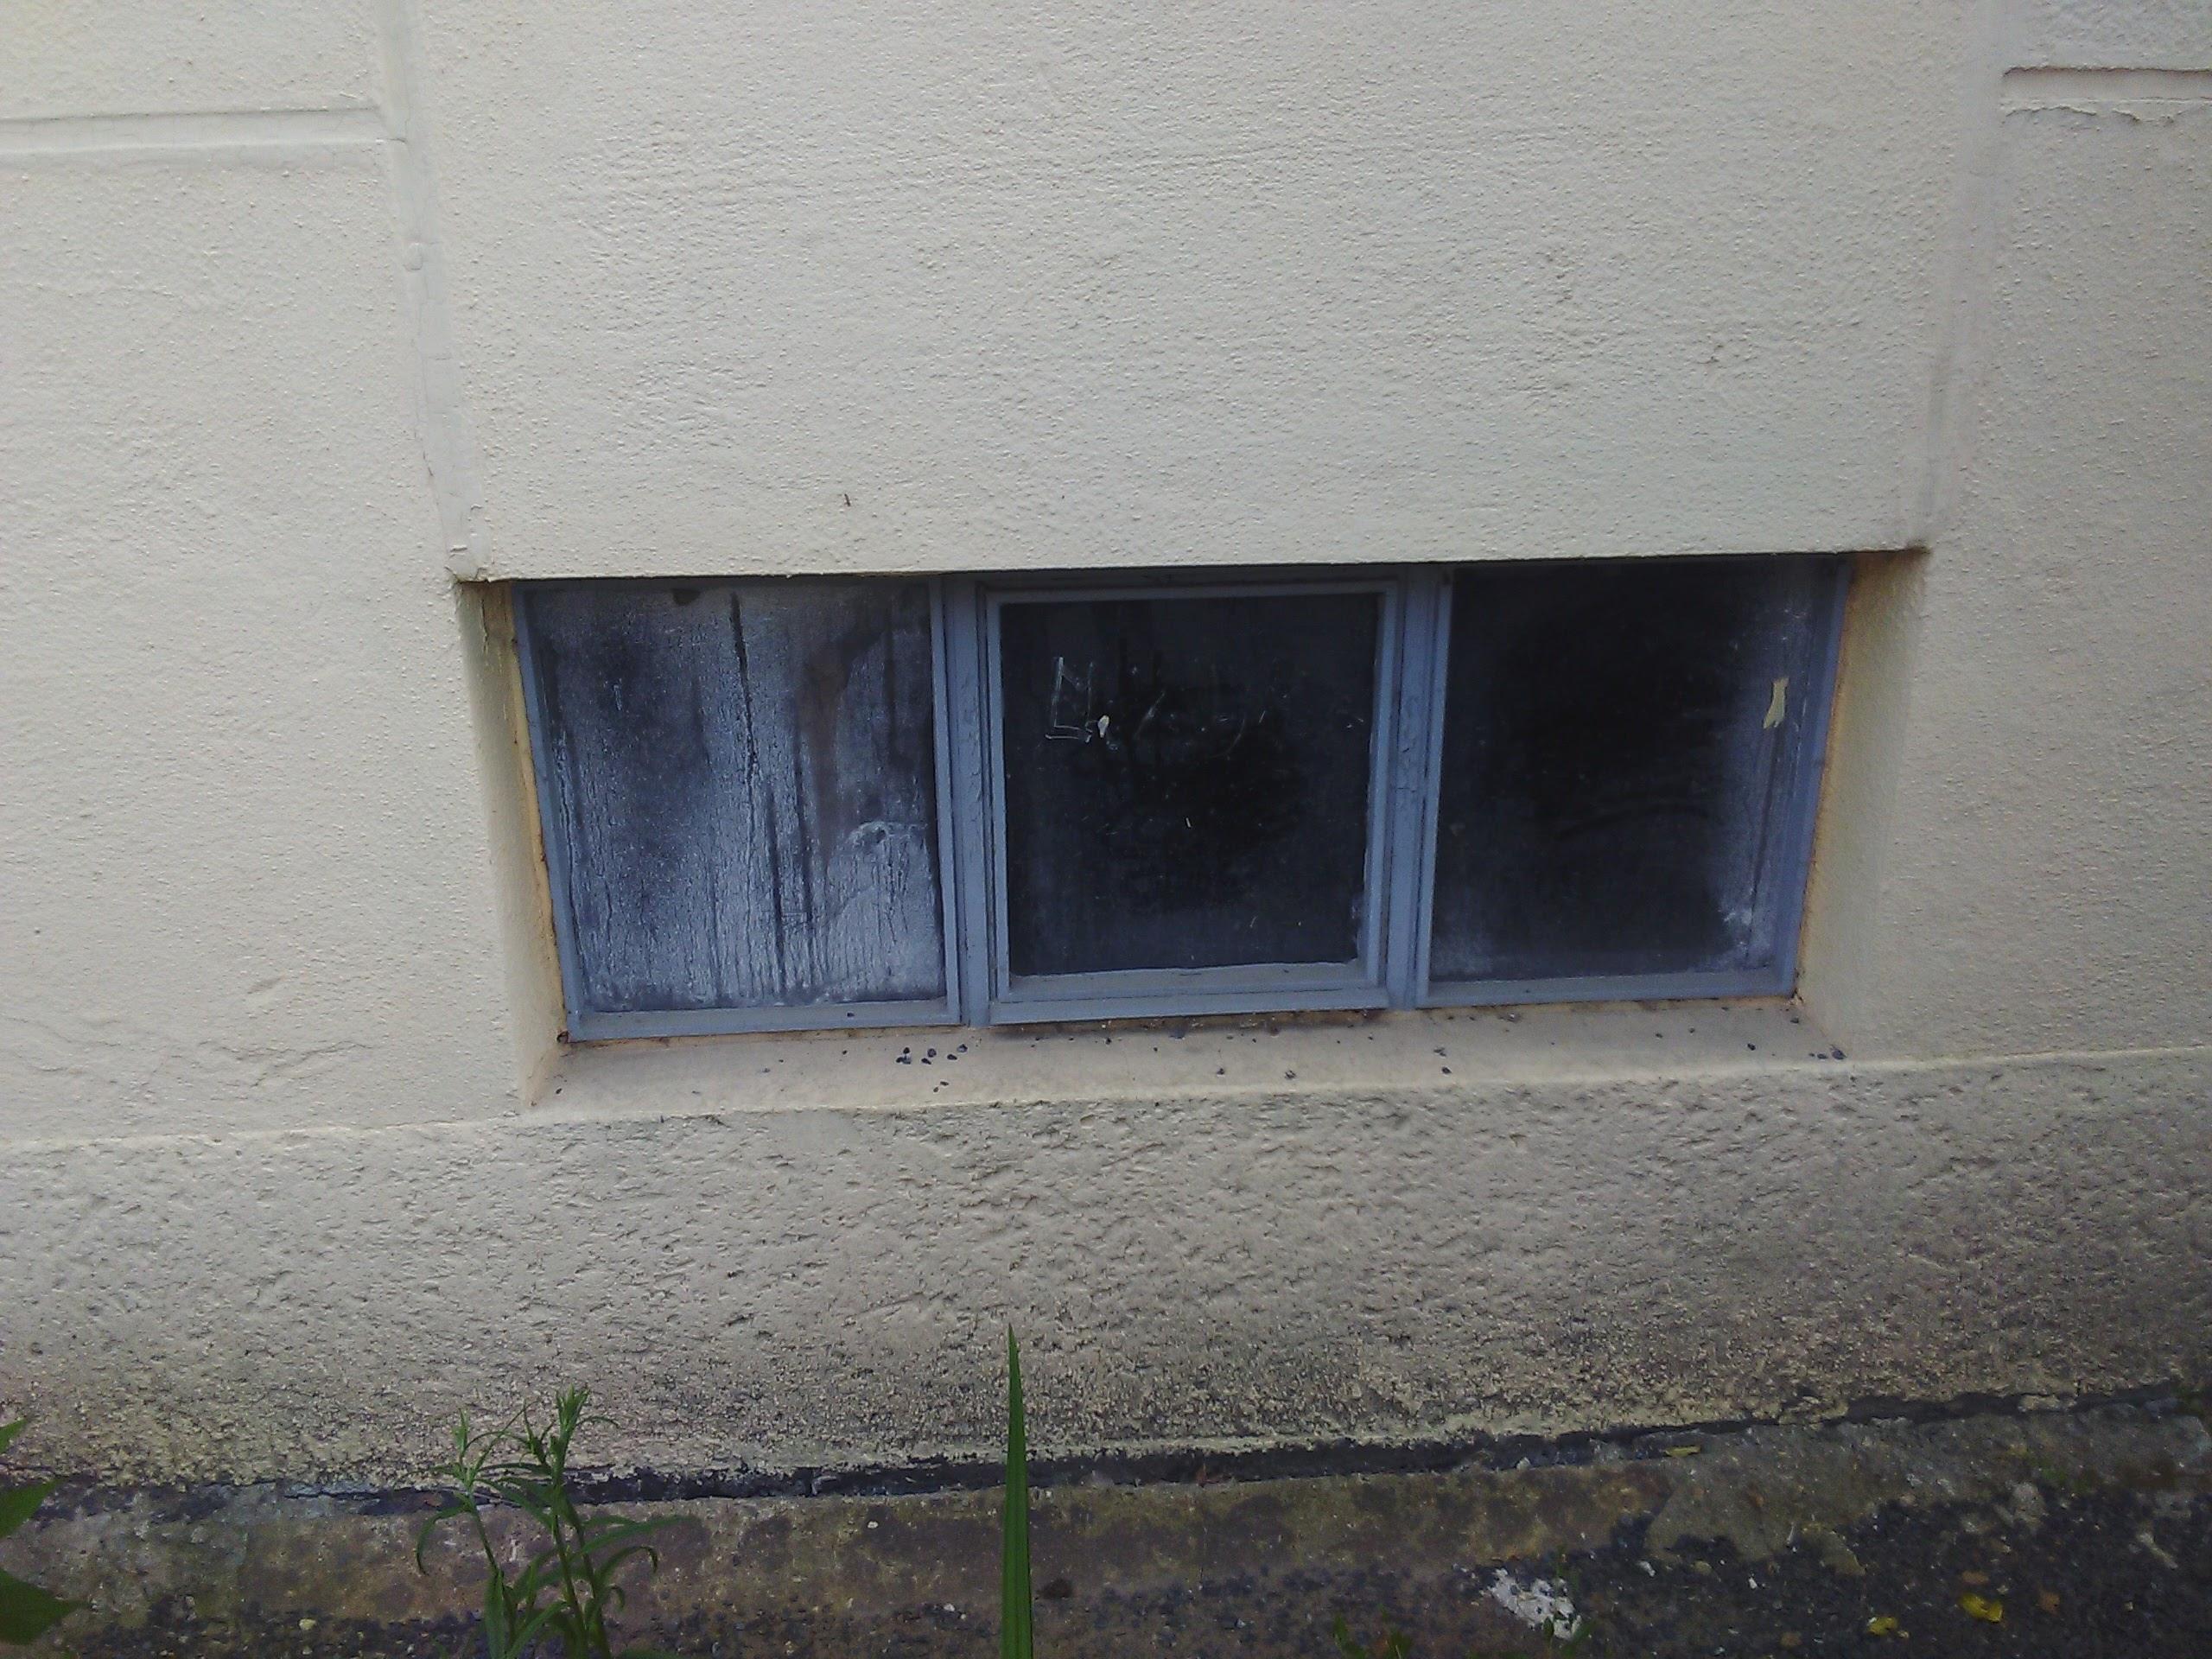 Okna do místnosti (určeno k zabezpečení)